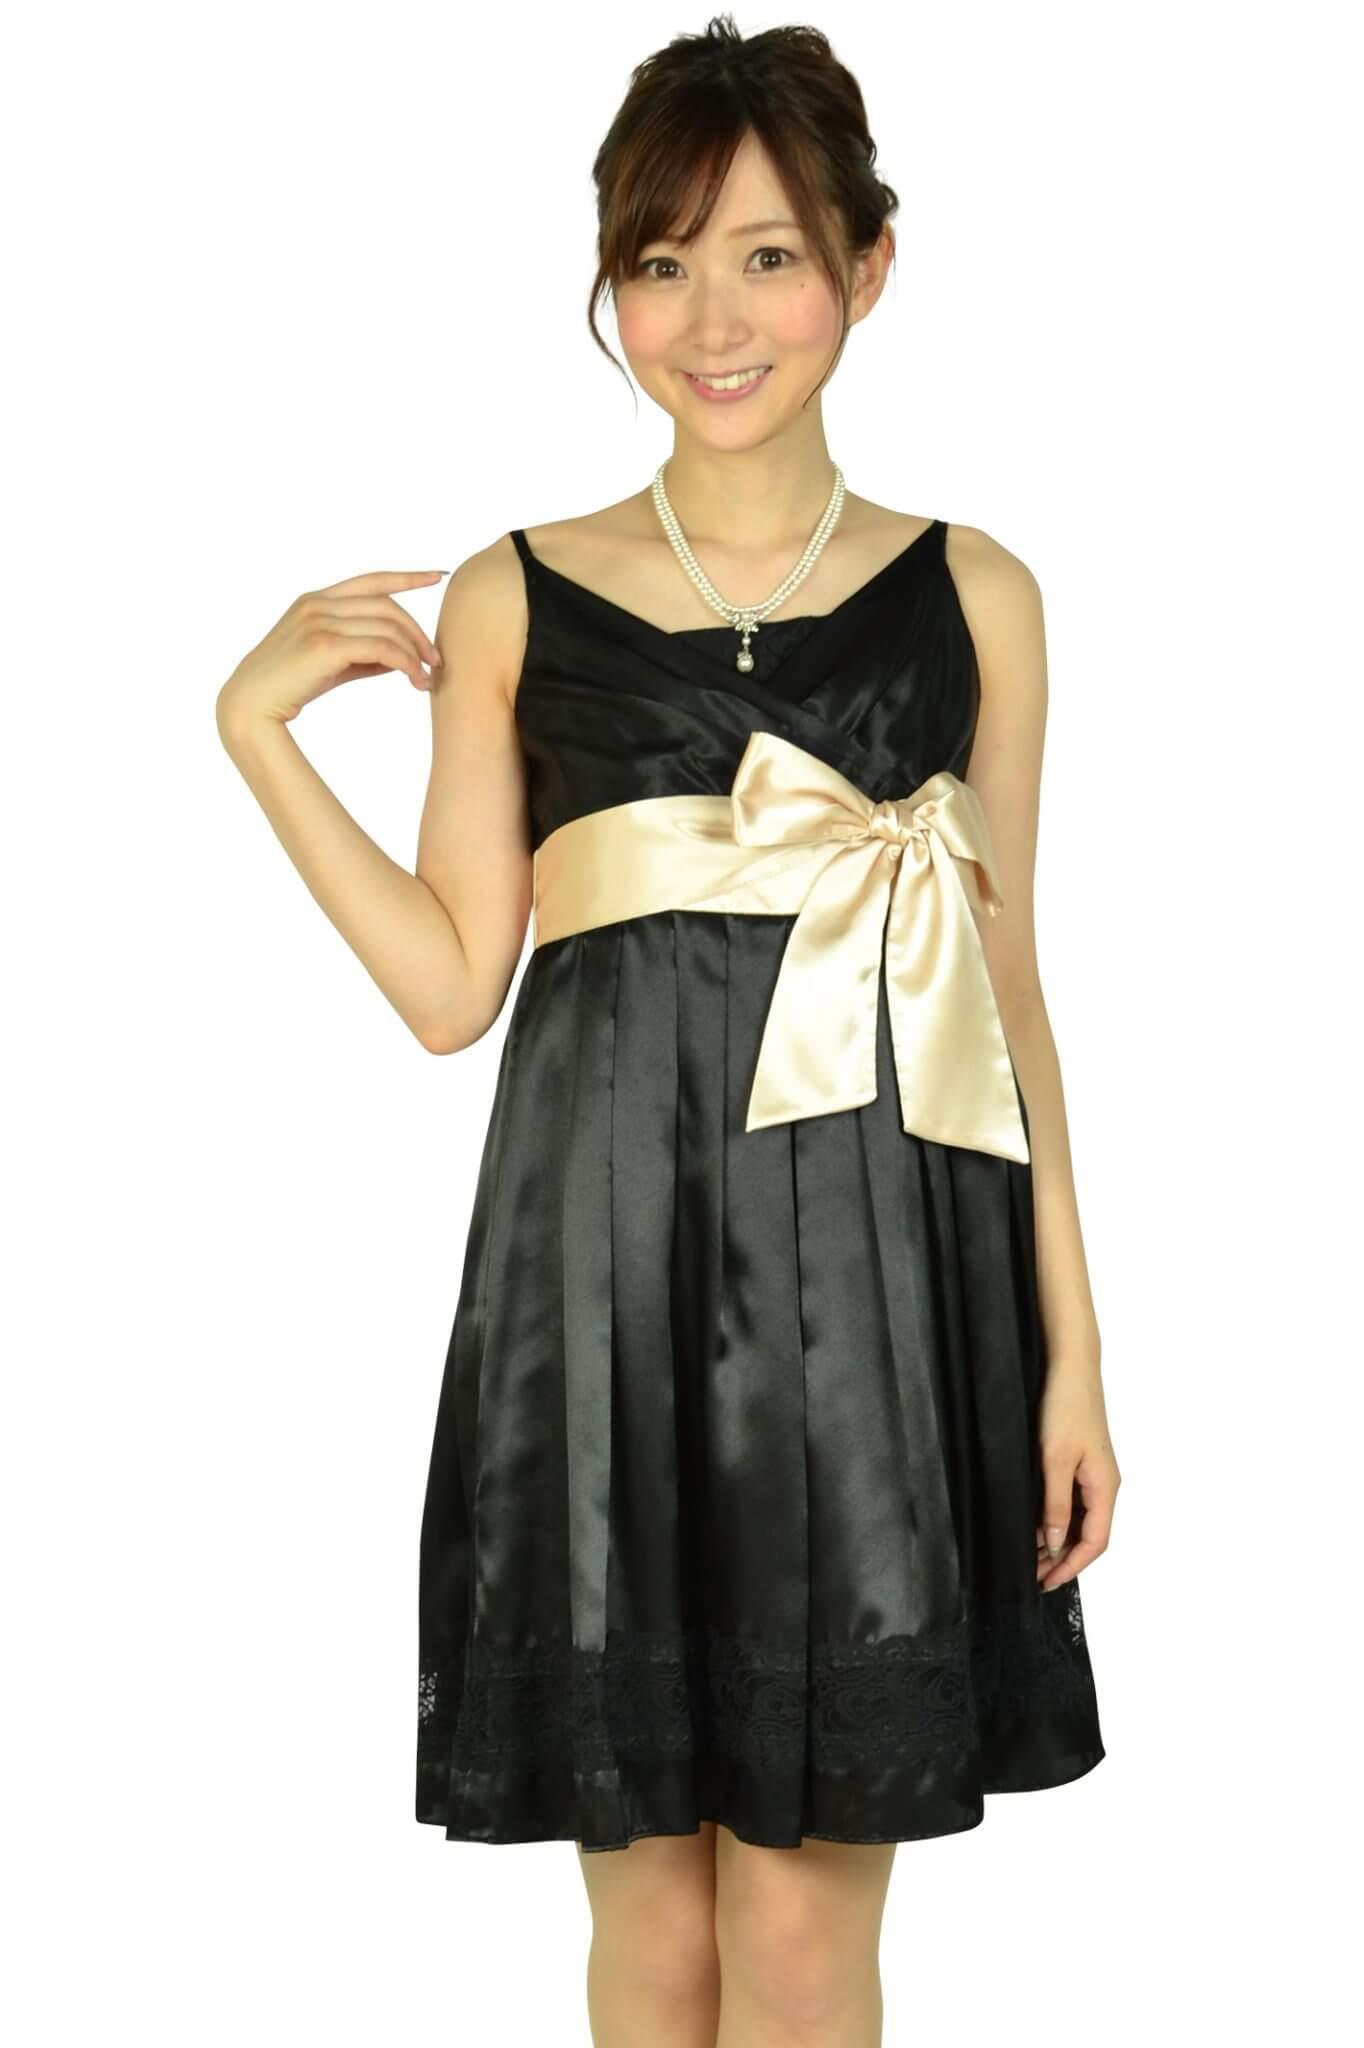 アシール(ASHILL) ブラック光沢ウエストリボンドレス